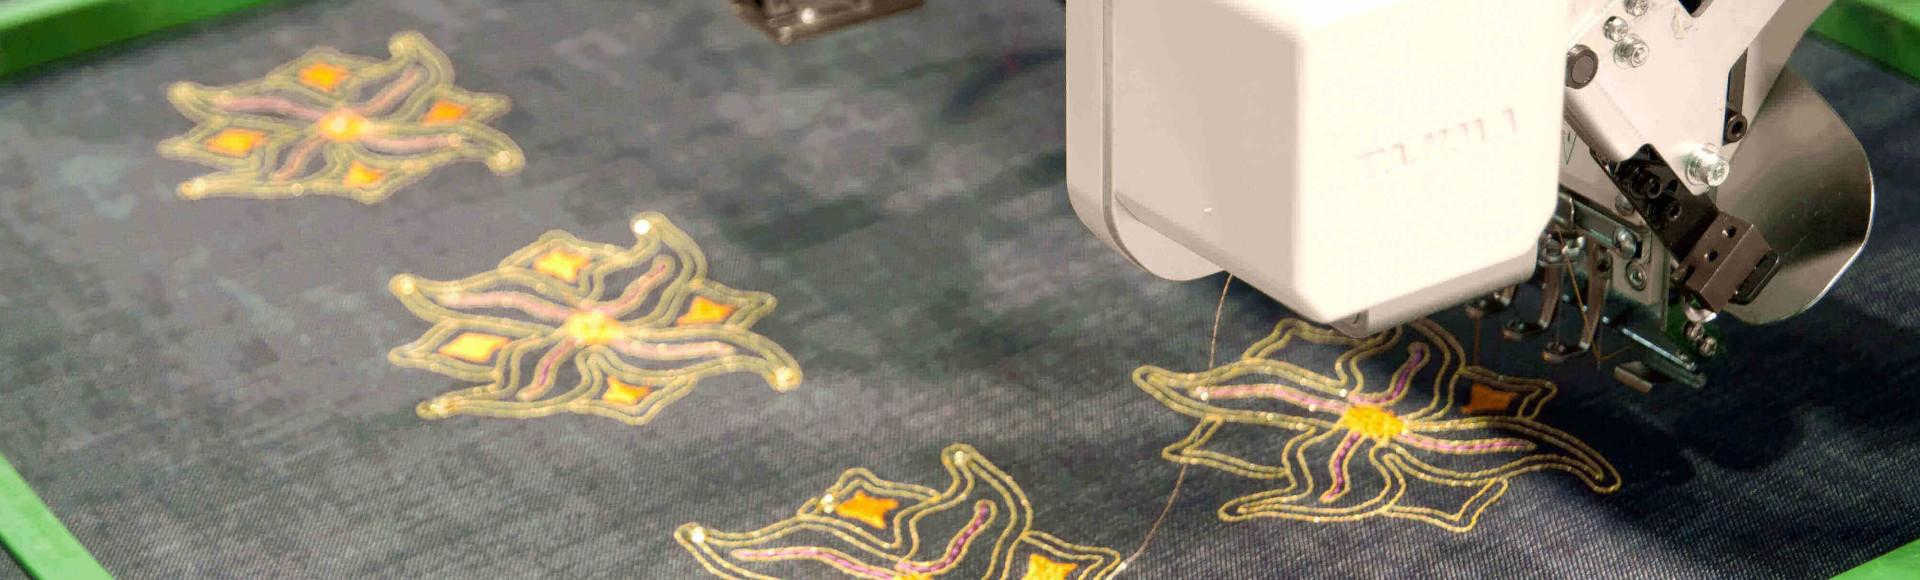 Maszyna do haftowania